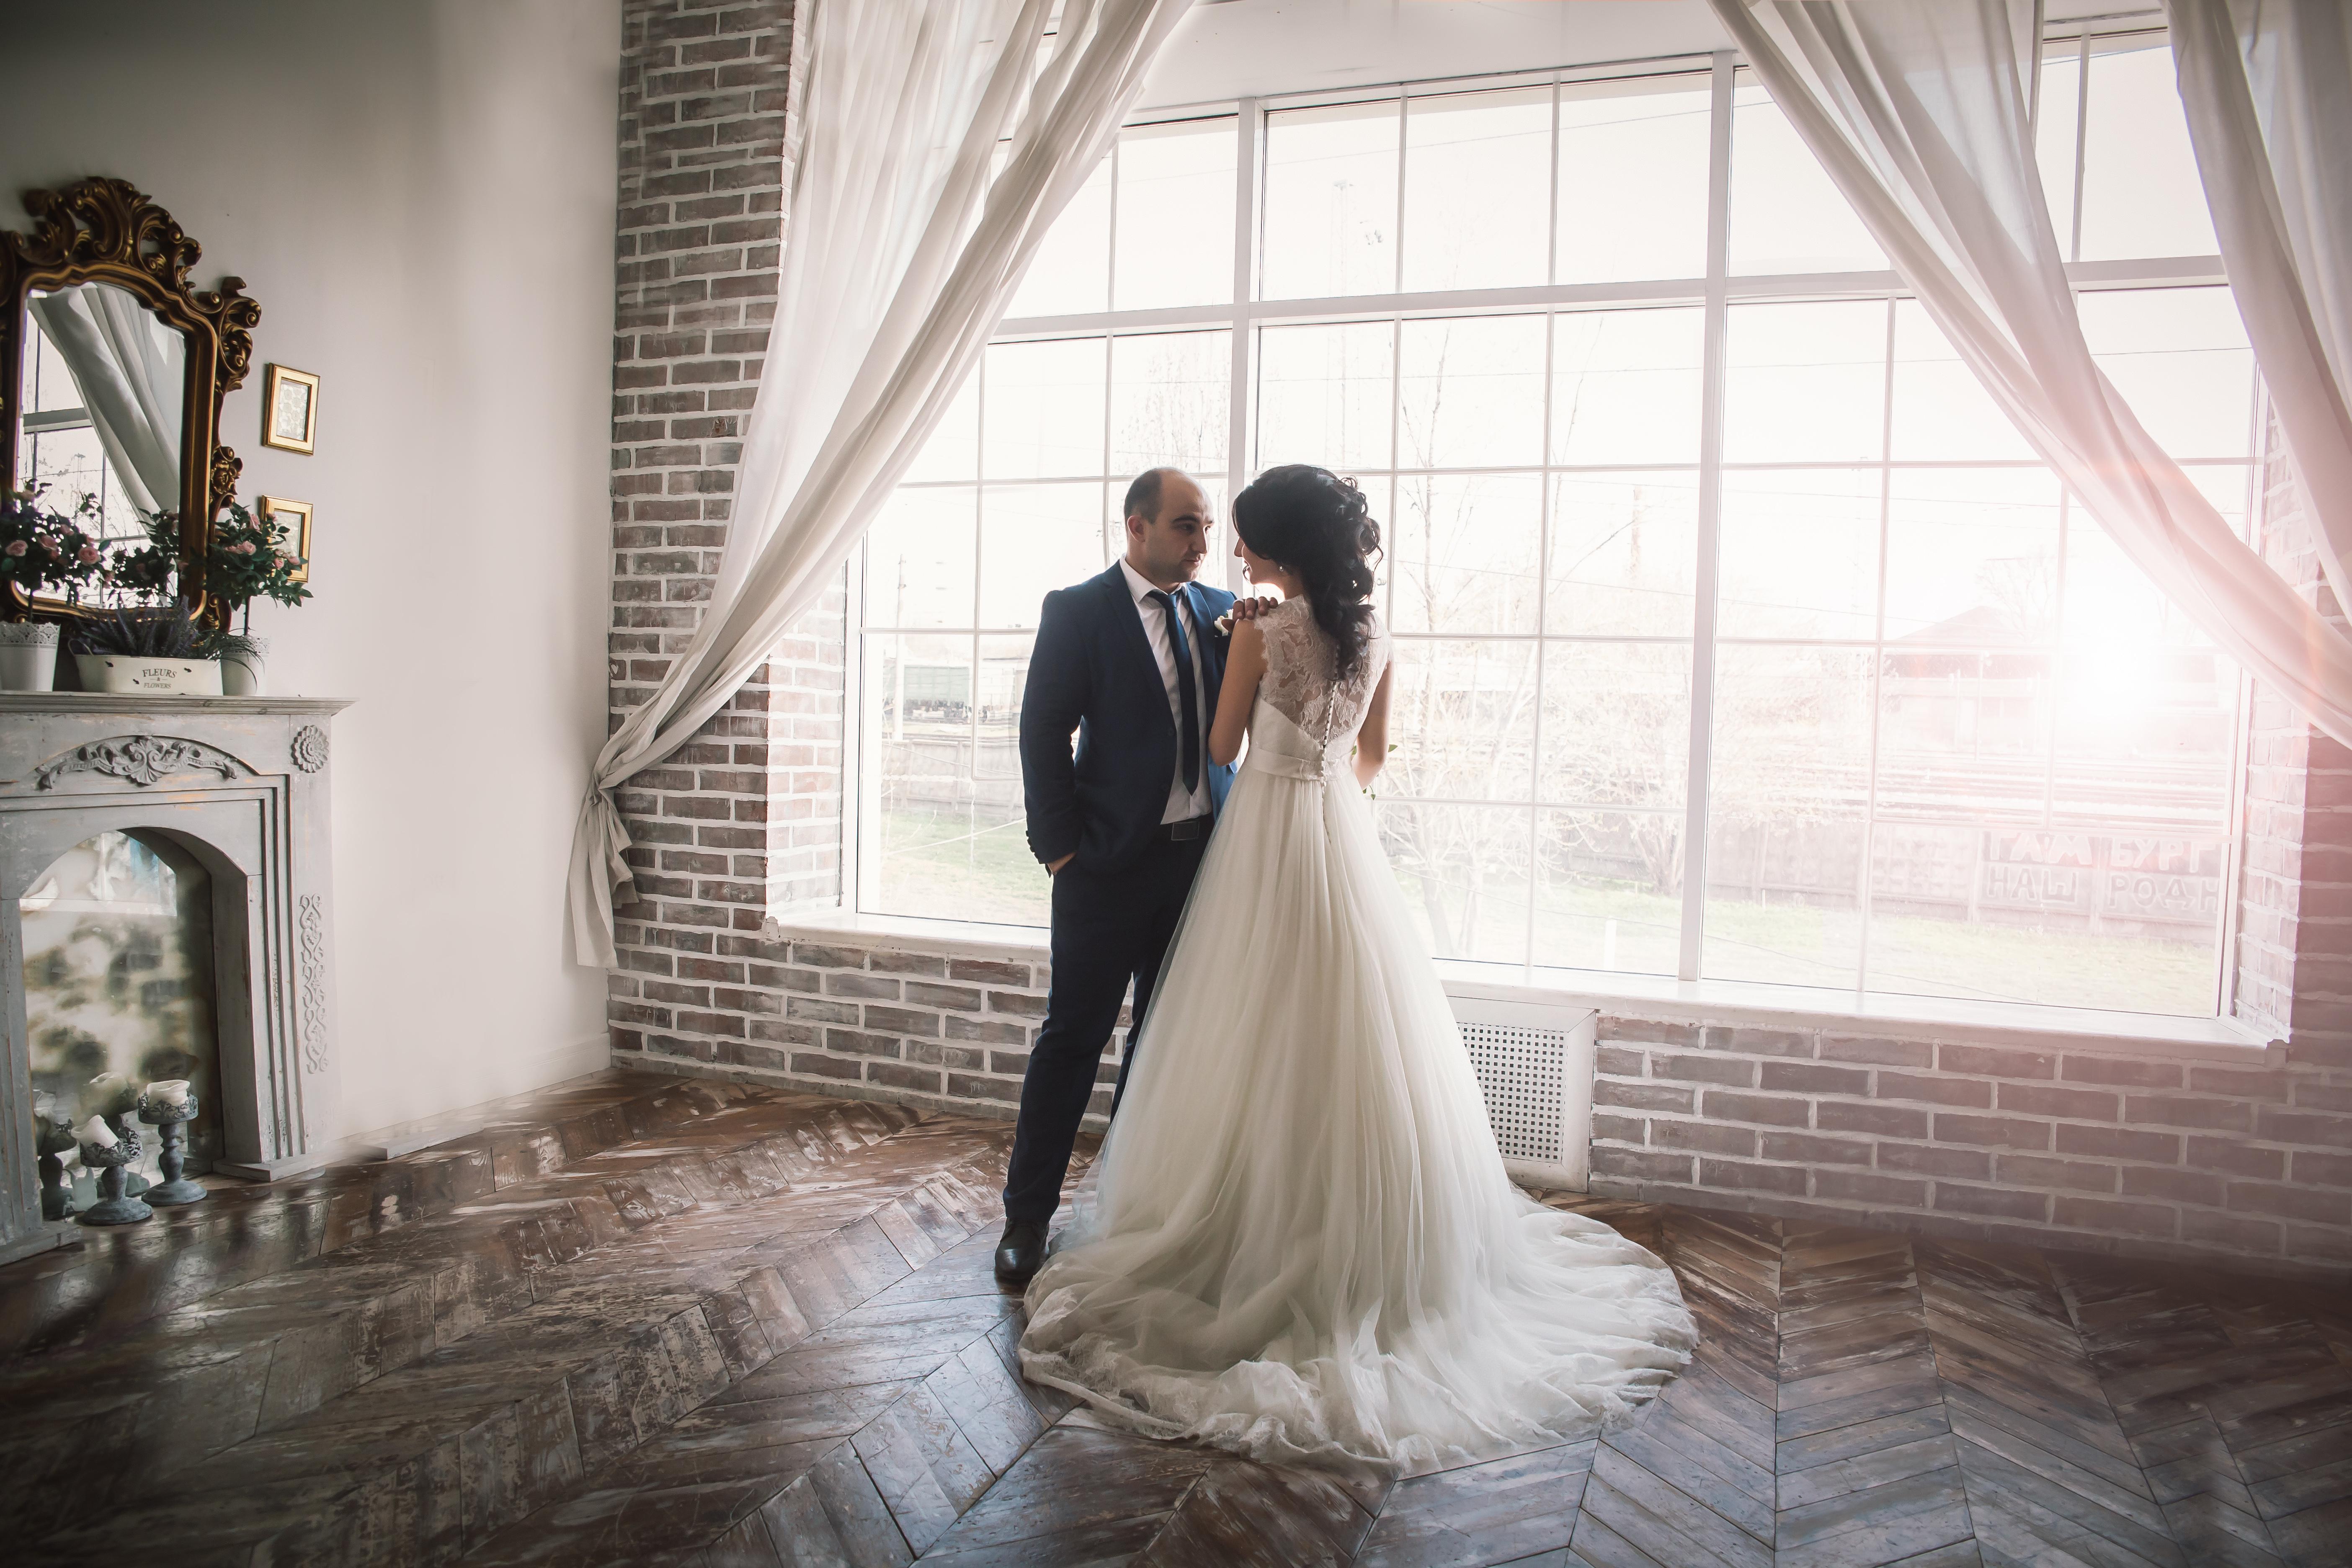 касается ростов на дону места для свадебных фотосессий памятнике